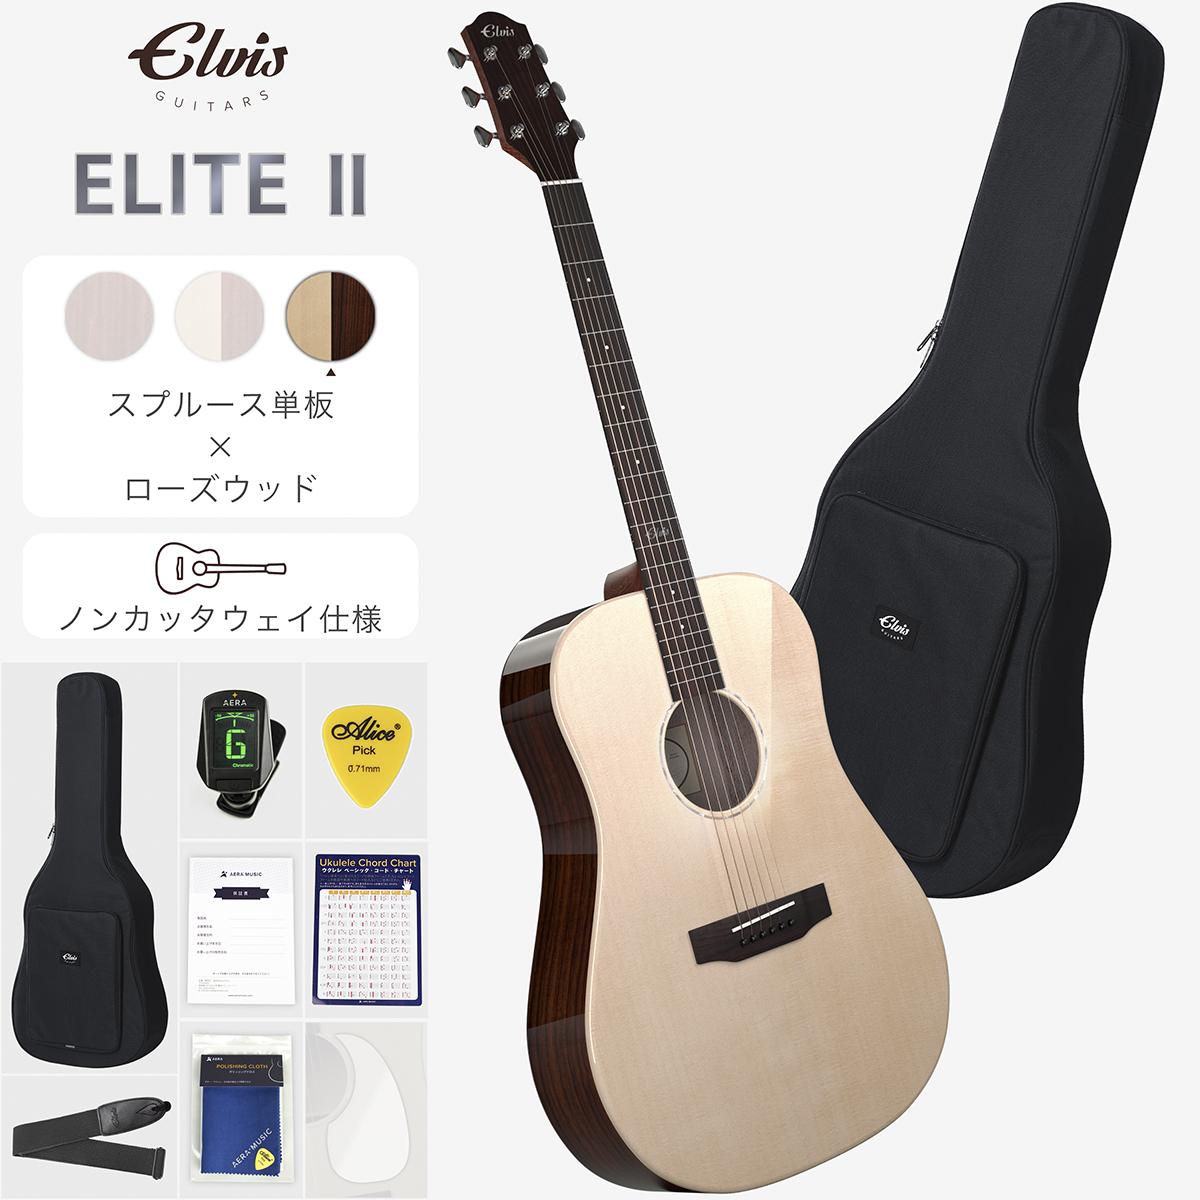 【今だけ10%OFF!】ELVISエルビス Elite2(エリート2)アコースティックギター【スプルース材トップ単板×ローズウッド材】【ノンカッタウェイ仕様】【付属品8点セット:国内保証書・チューナー・ピックガード・コードチャート・ストラップ・純正ギグバッグなど】